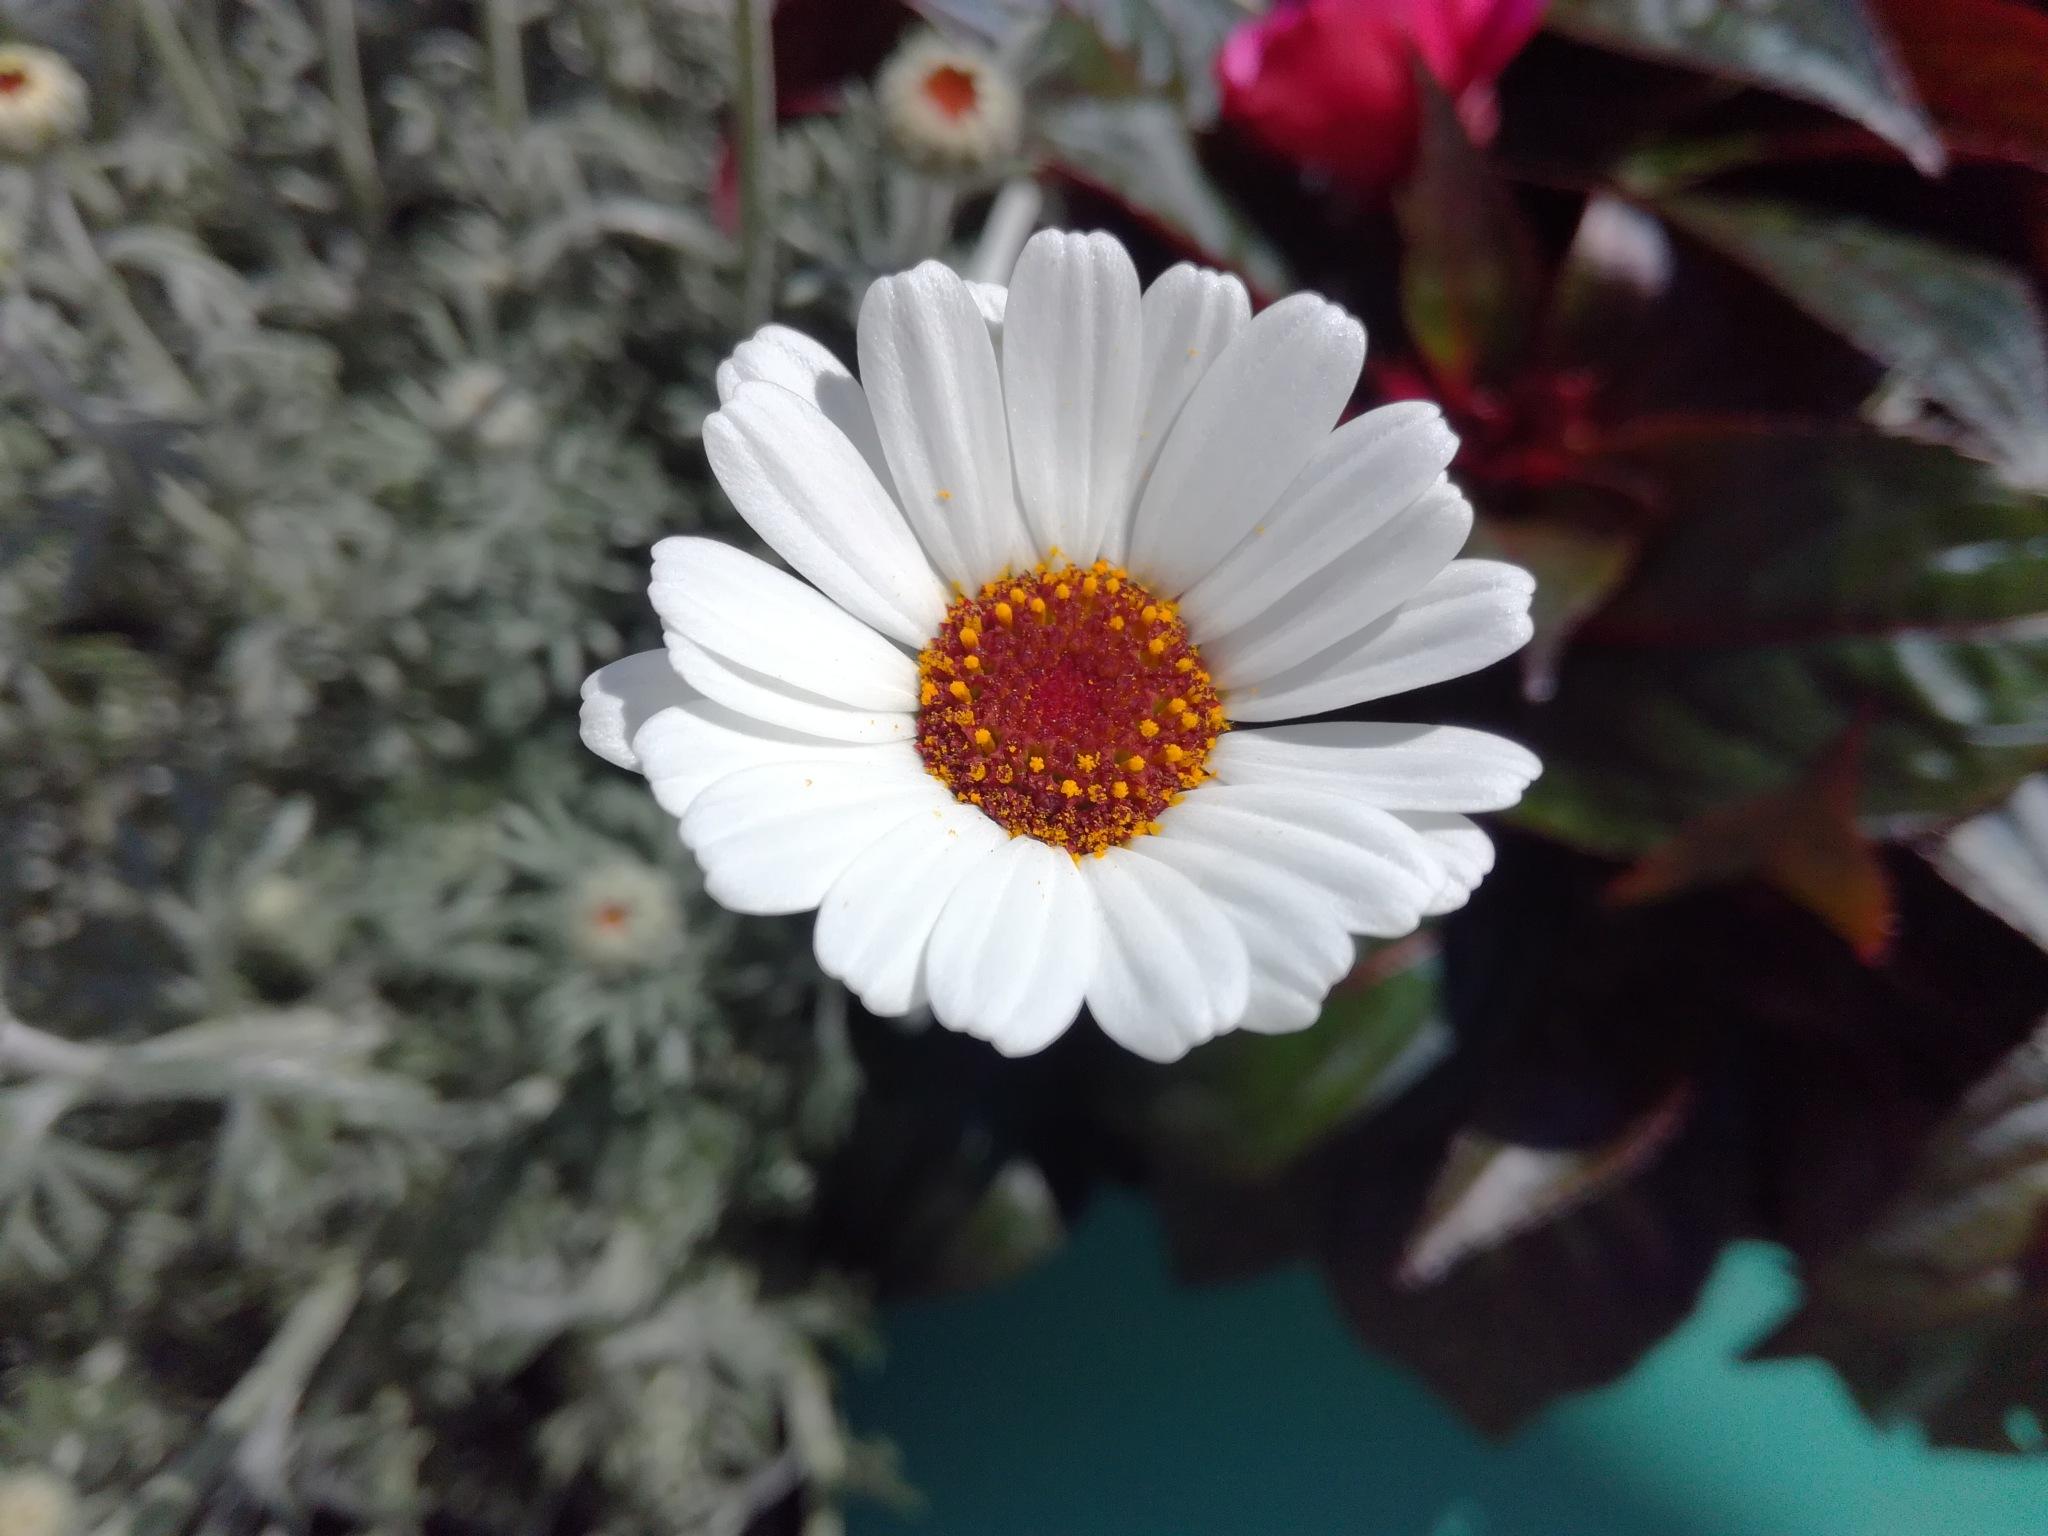 One flower by uzkuraitiene62